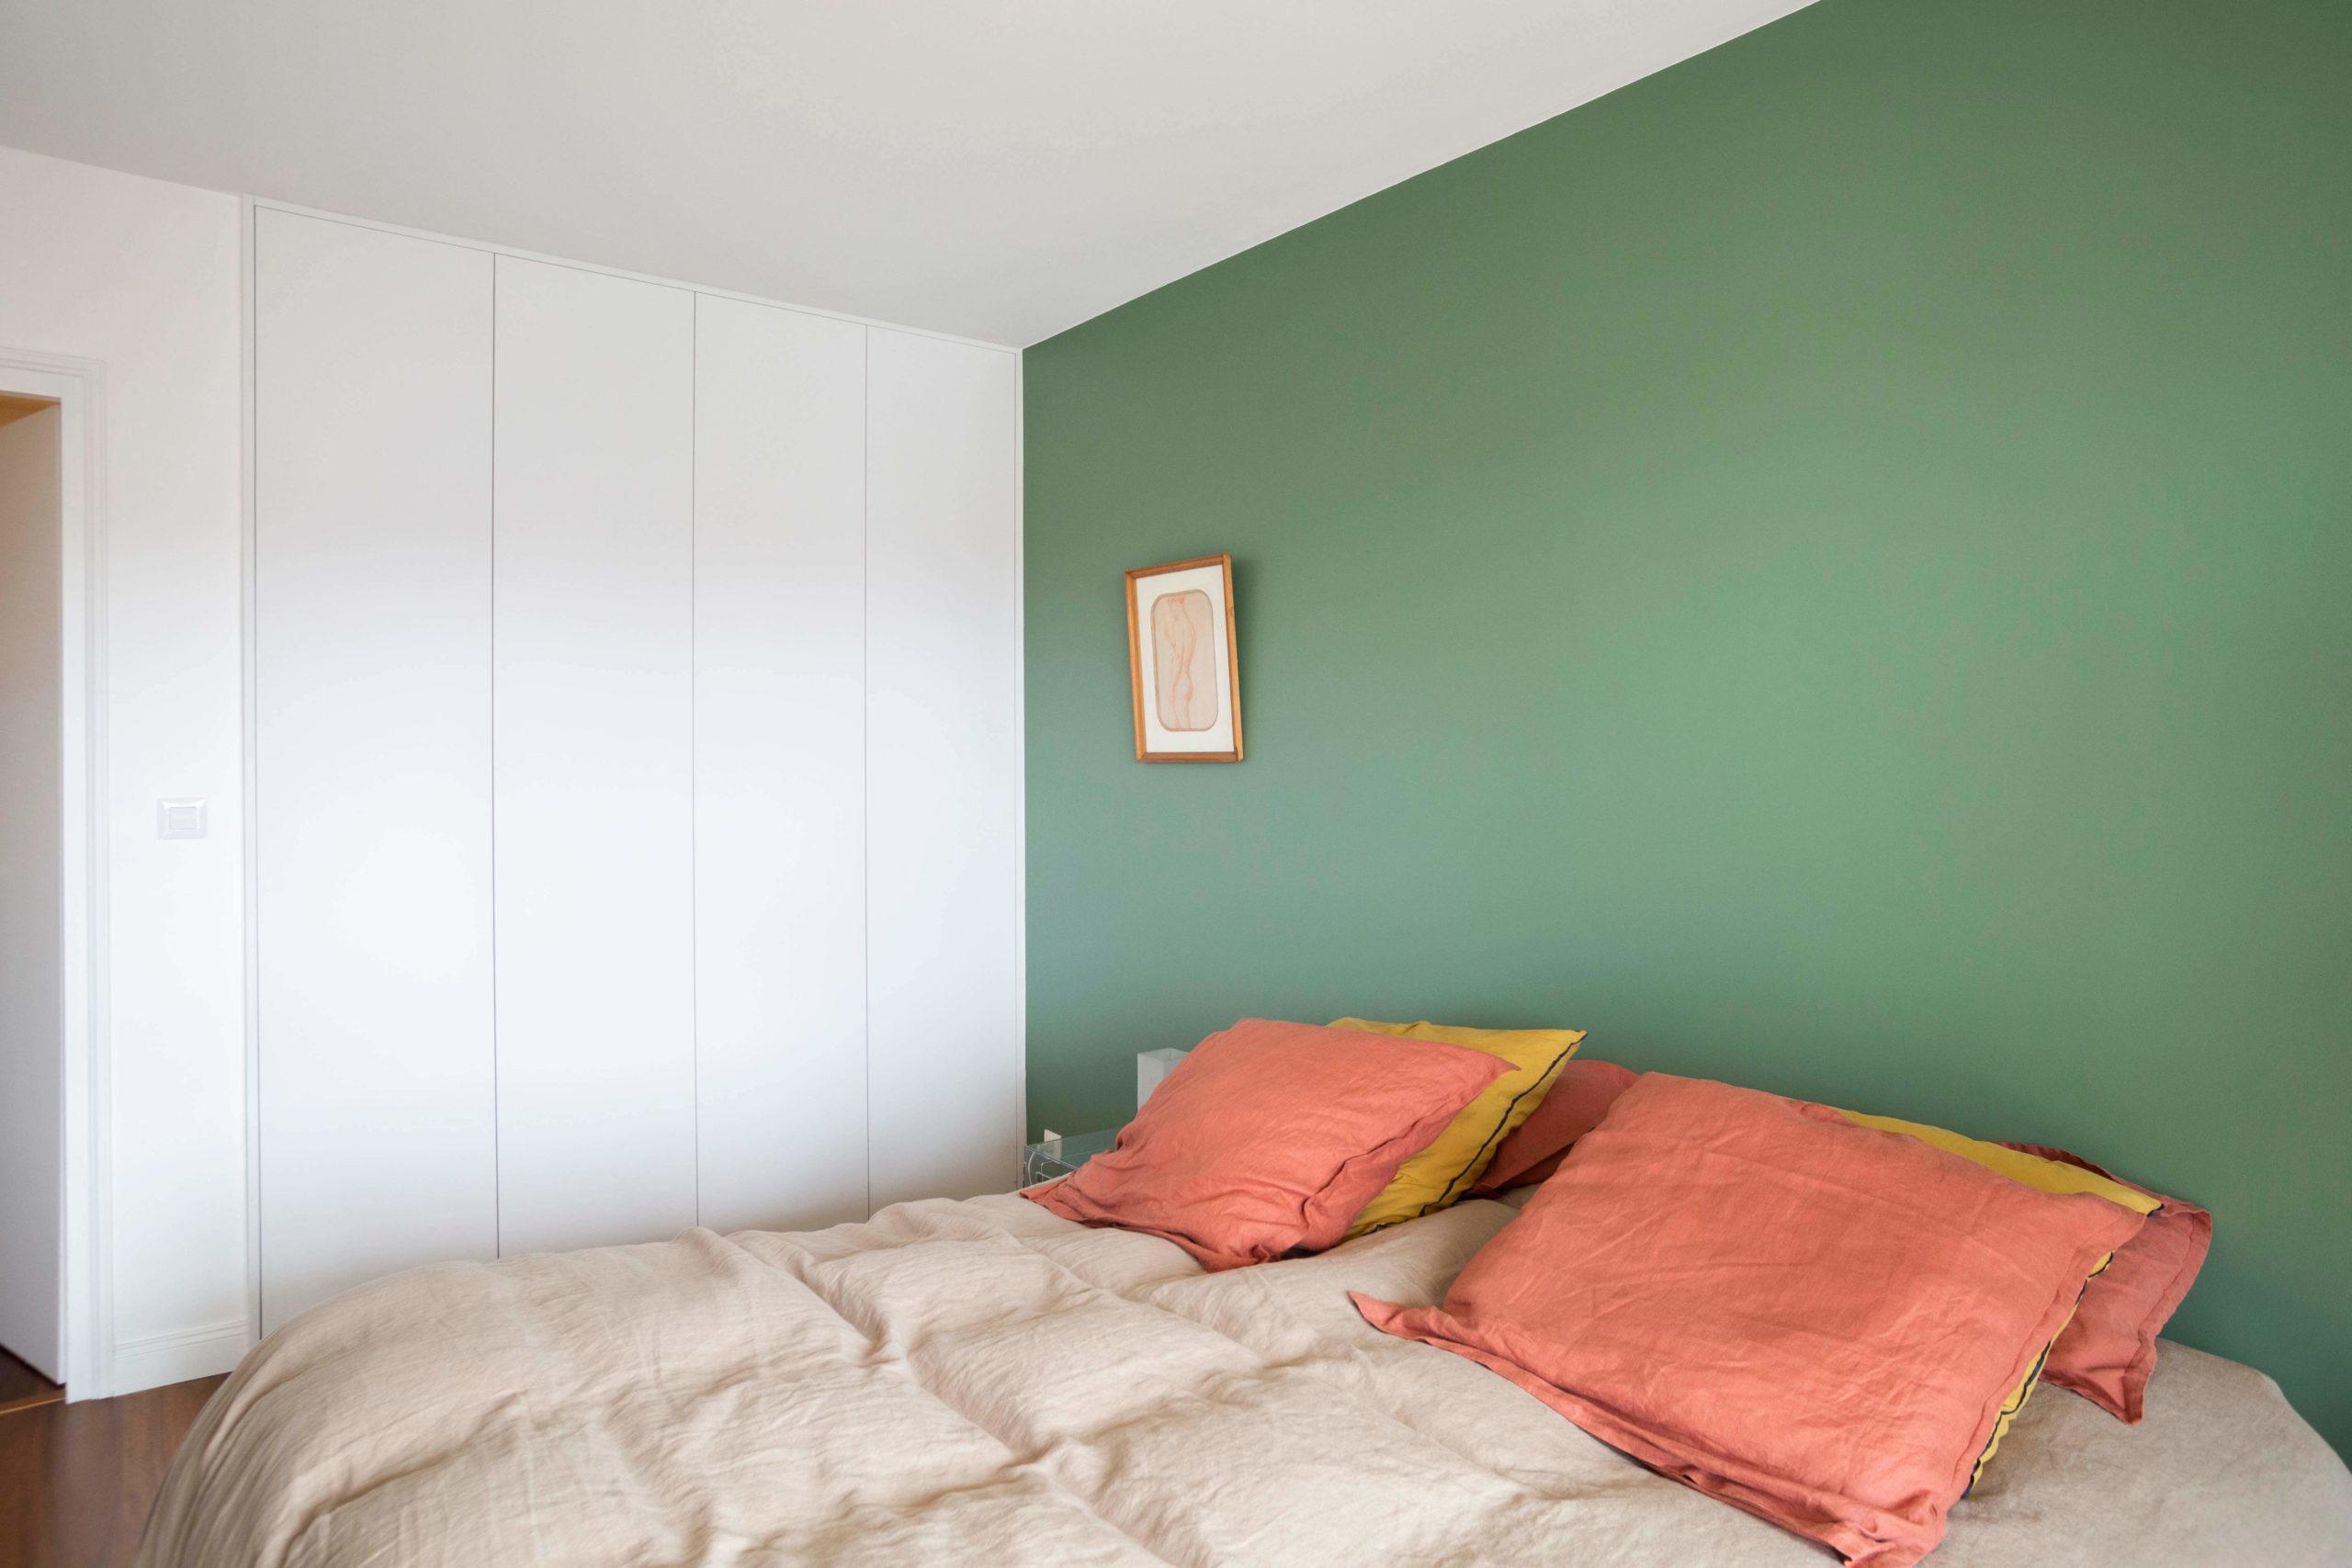 atelier-plurielles-architectures-reamenagement-appartement-biarritz-chambre